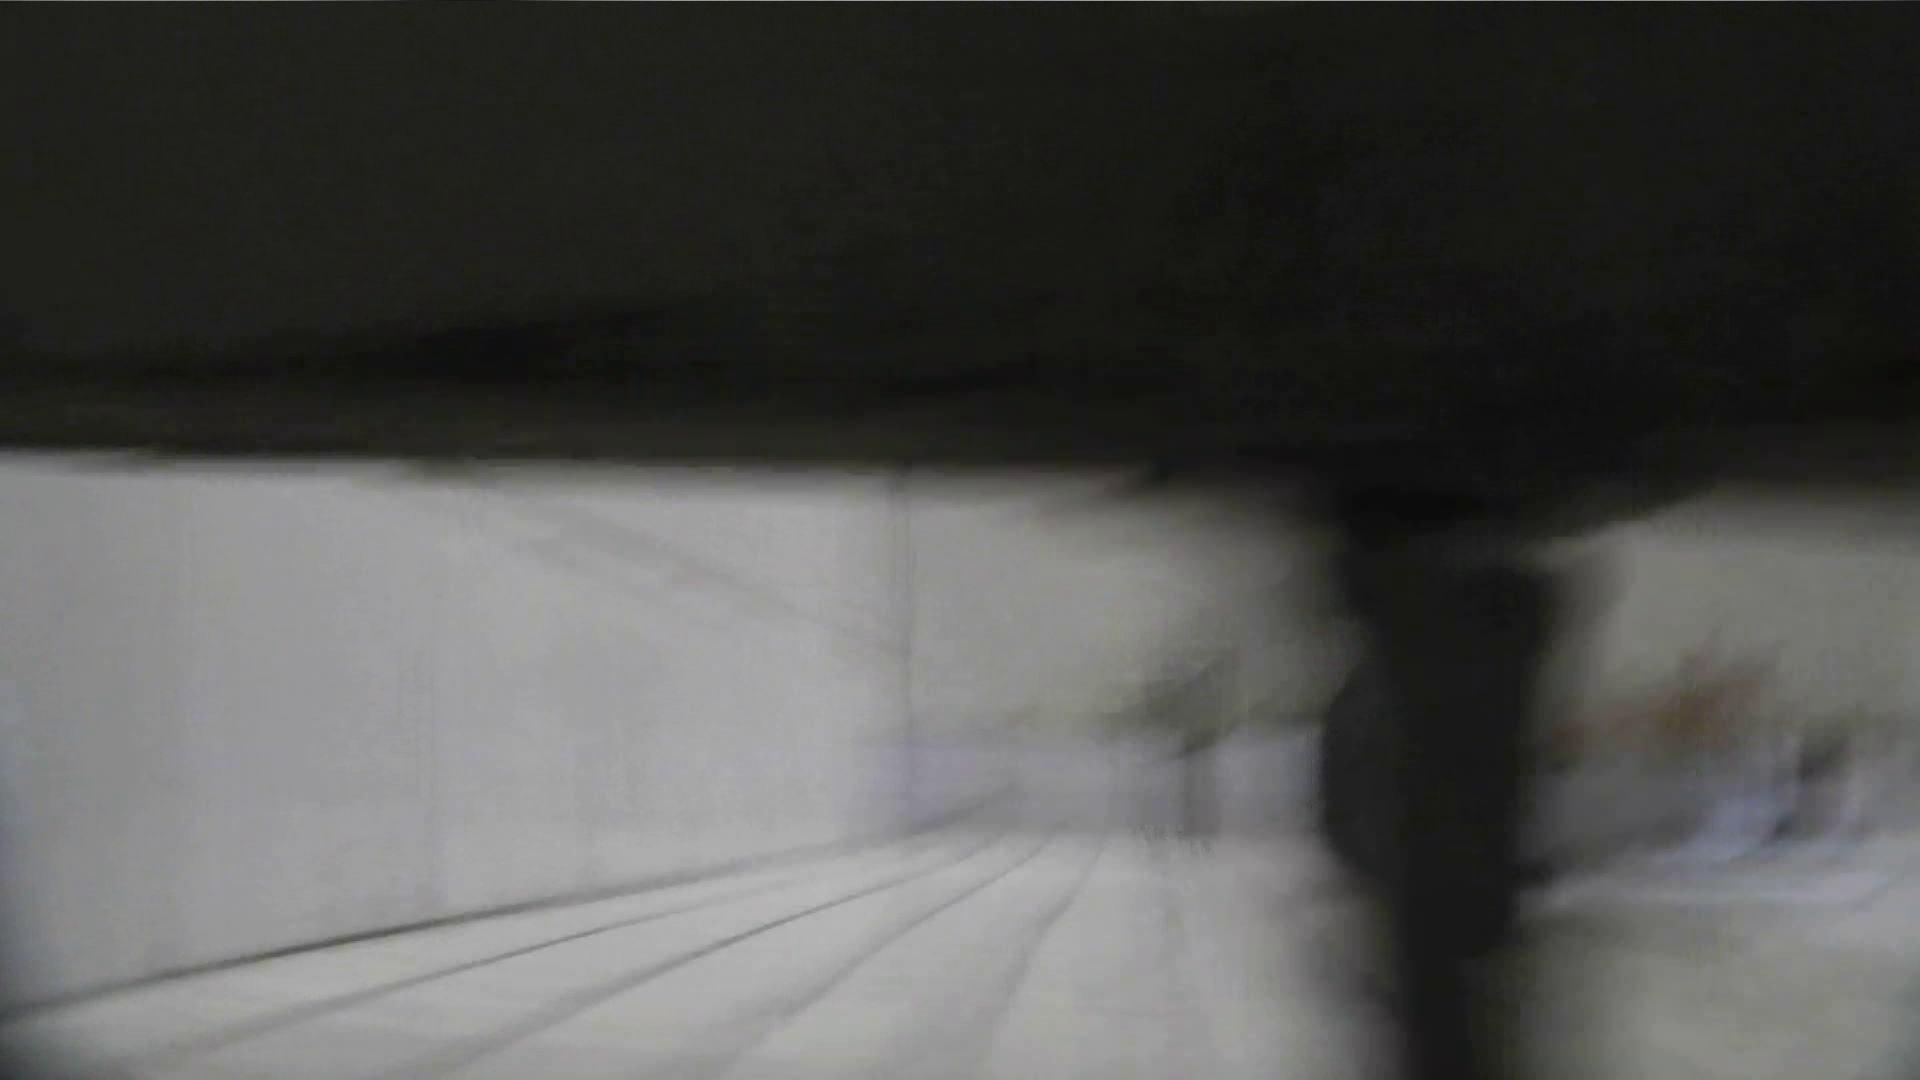 vol.06 命がけ潜伏洗面所! 茶髪タン、ハァハァ 前編 潜入 隠し撮りオマンコ動画紹介 107連発 67